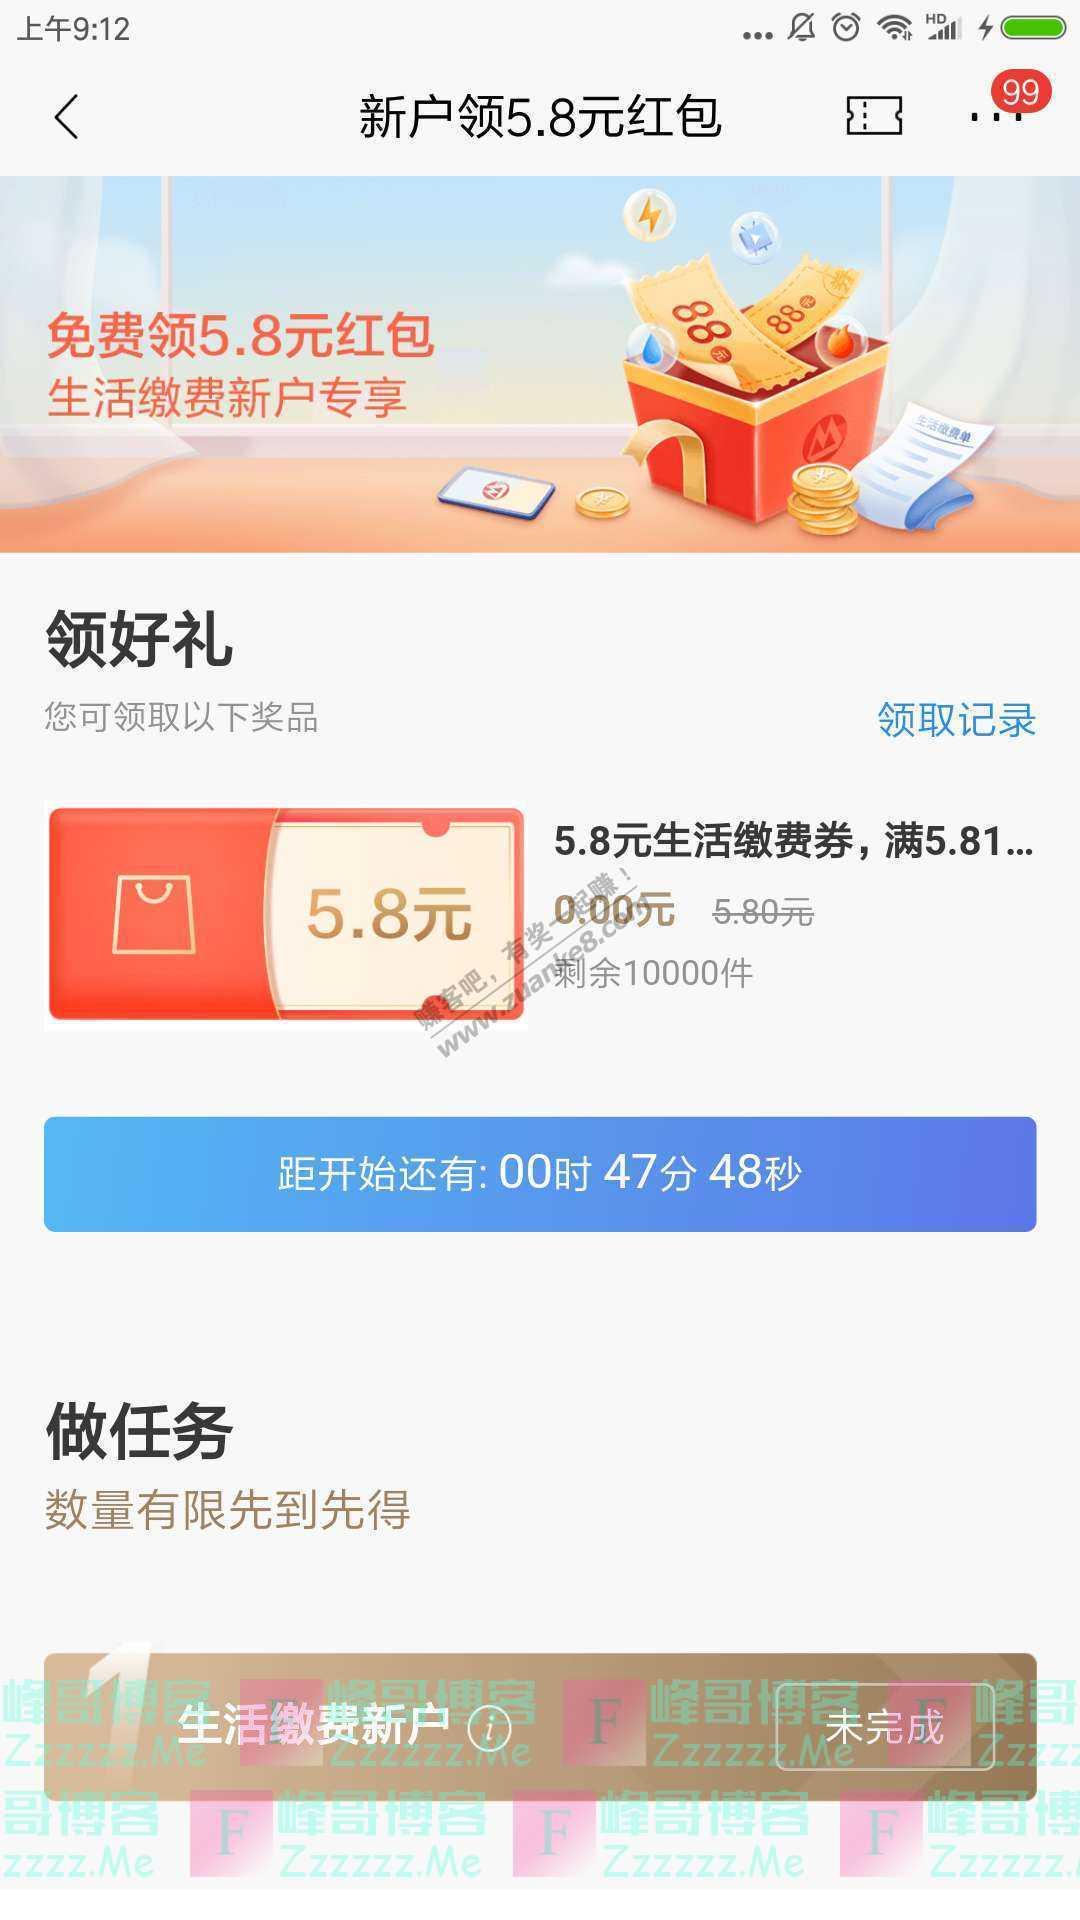 招商银行APP新户领5.8元红包(截止11月30日)